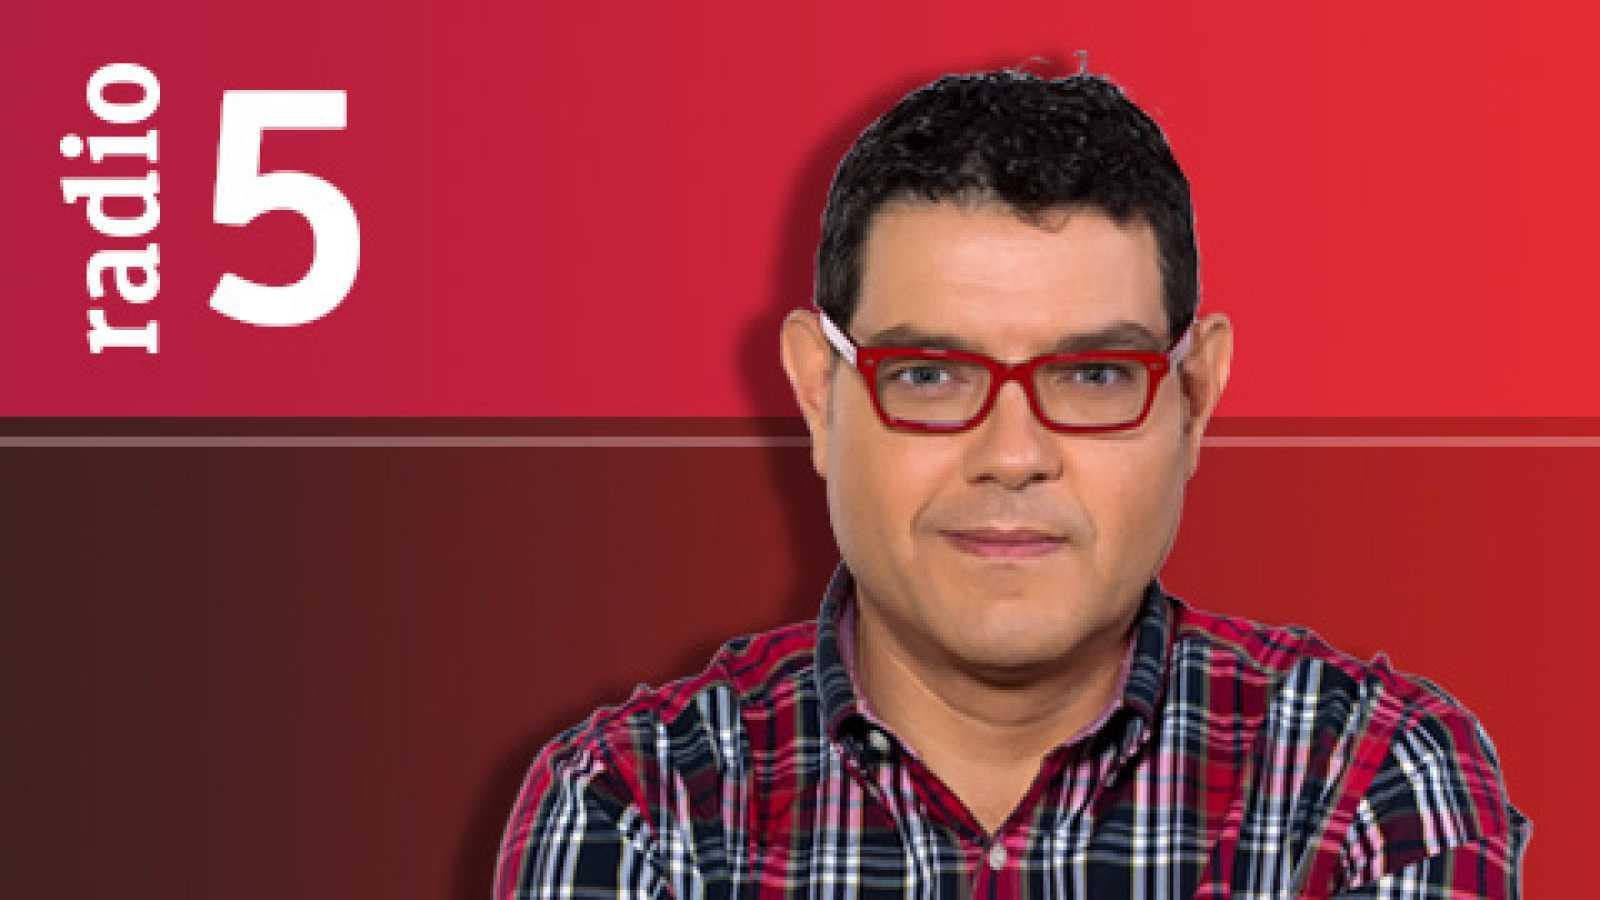 La entrevista de Radio 5 - Antonio Serrano - 11/06/20 - Escuchar ahora